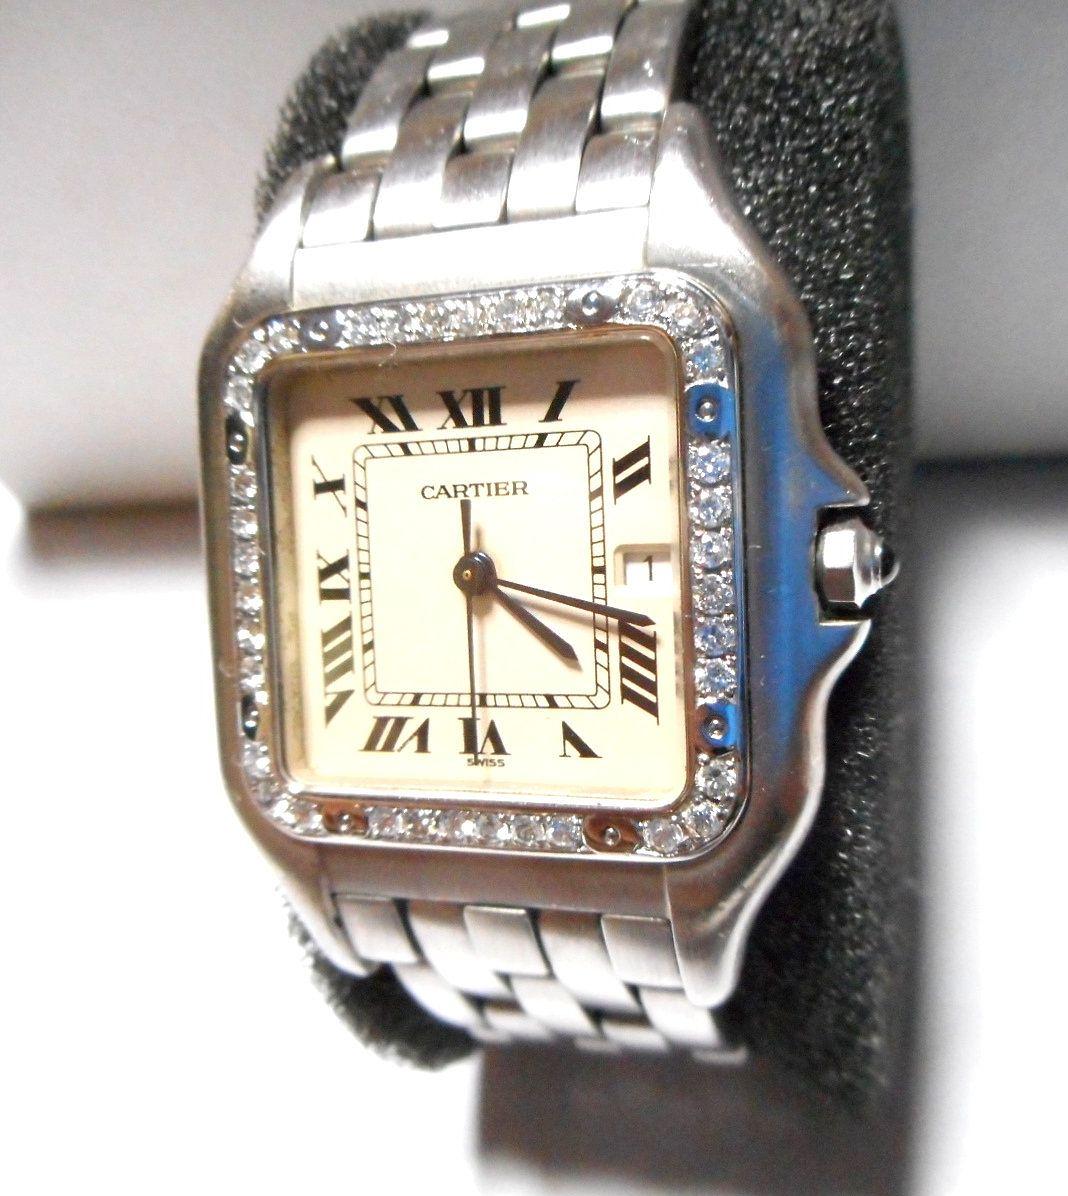 カルティエ Cartier サントス SM ベゼル アフターダイヤ加工いたします ドゥモワゼルSM 2698 WF902005 750WG ガルベ WF9003Y8 パンサー 2_画像3